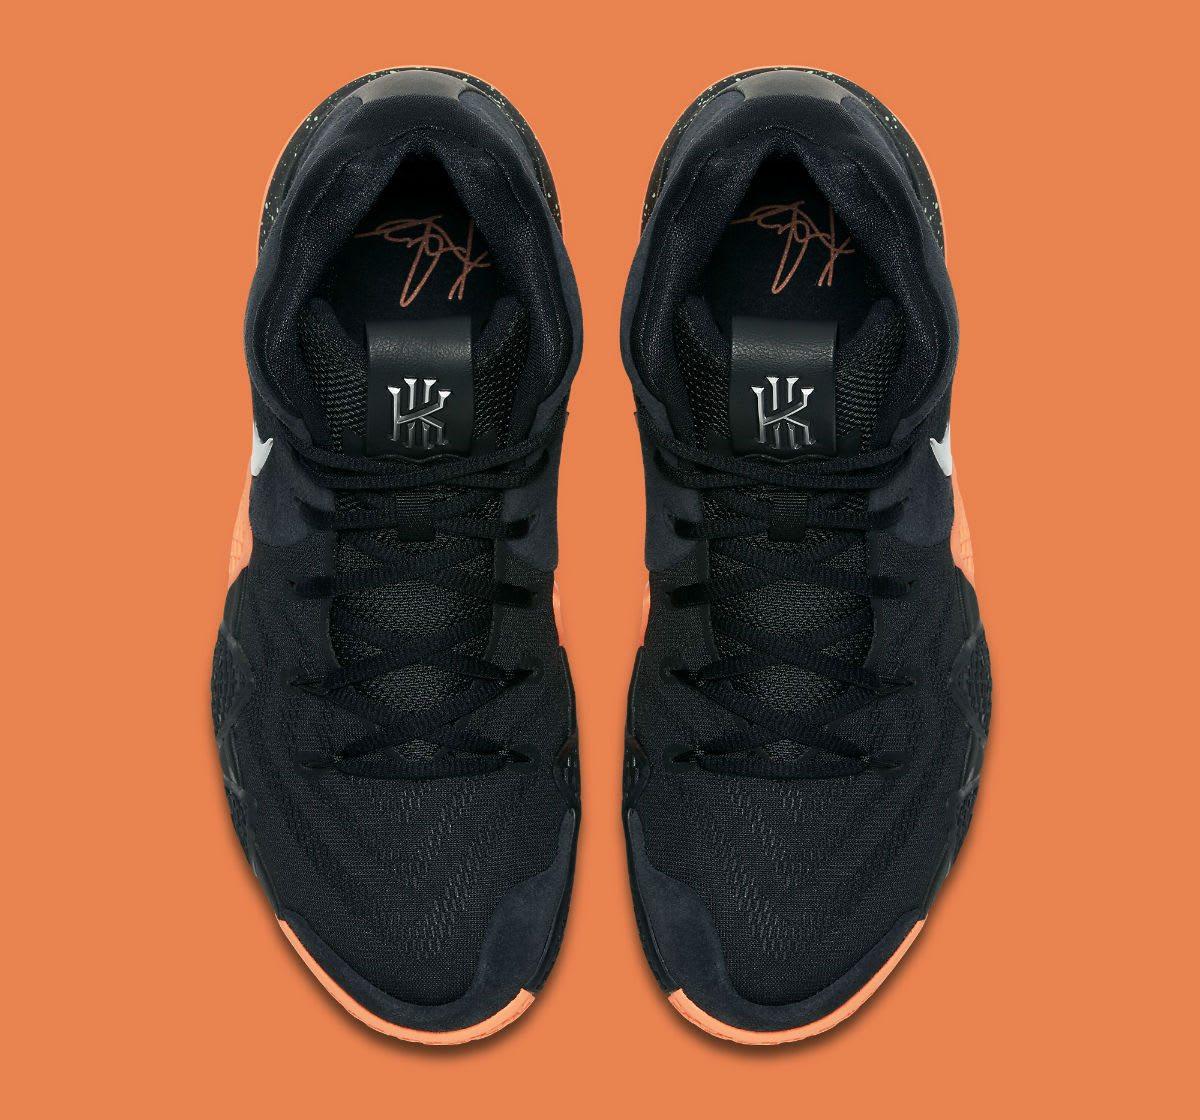 bc8b3261317 Le 17 mars Nike va sortir une nouvelle version des Kyrie 4 dont on ne  connait pour le moment pas le nom.